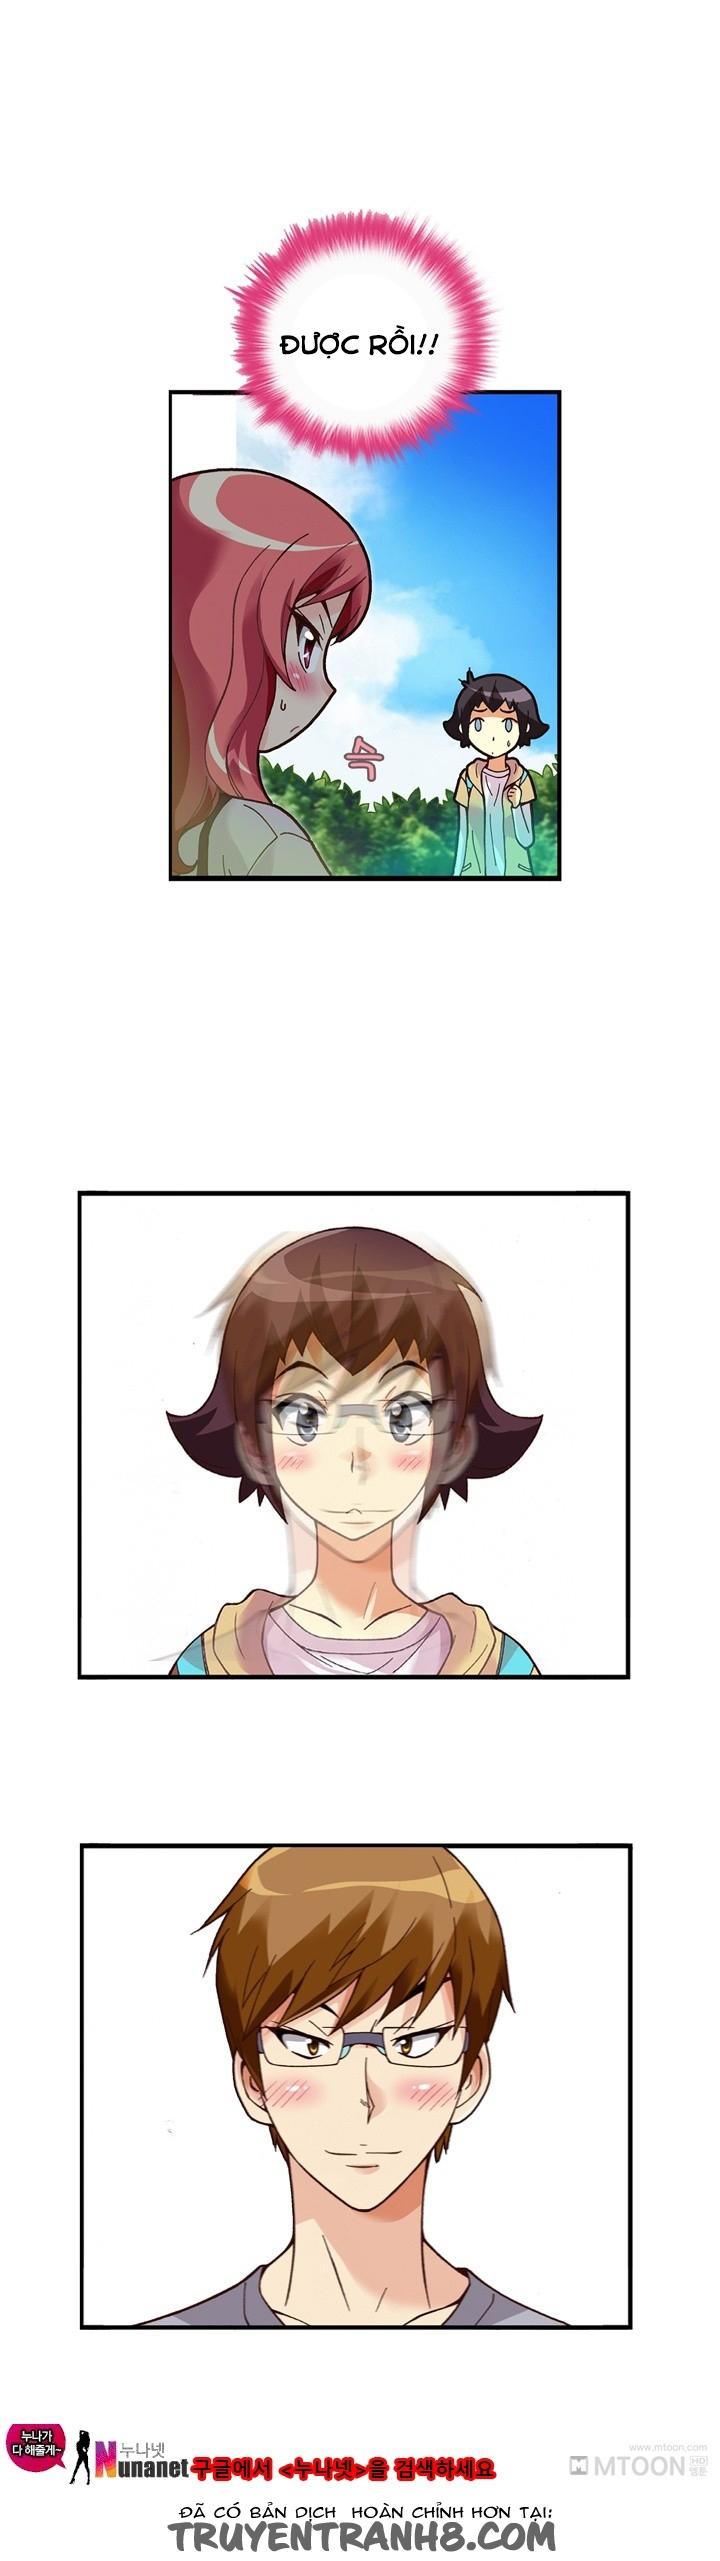 Hình ảnh 12 trong bài viết [Siêu phẩm] Hentai Màu Xin lỗi tớ thật dâm đãng